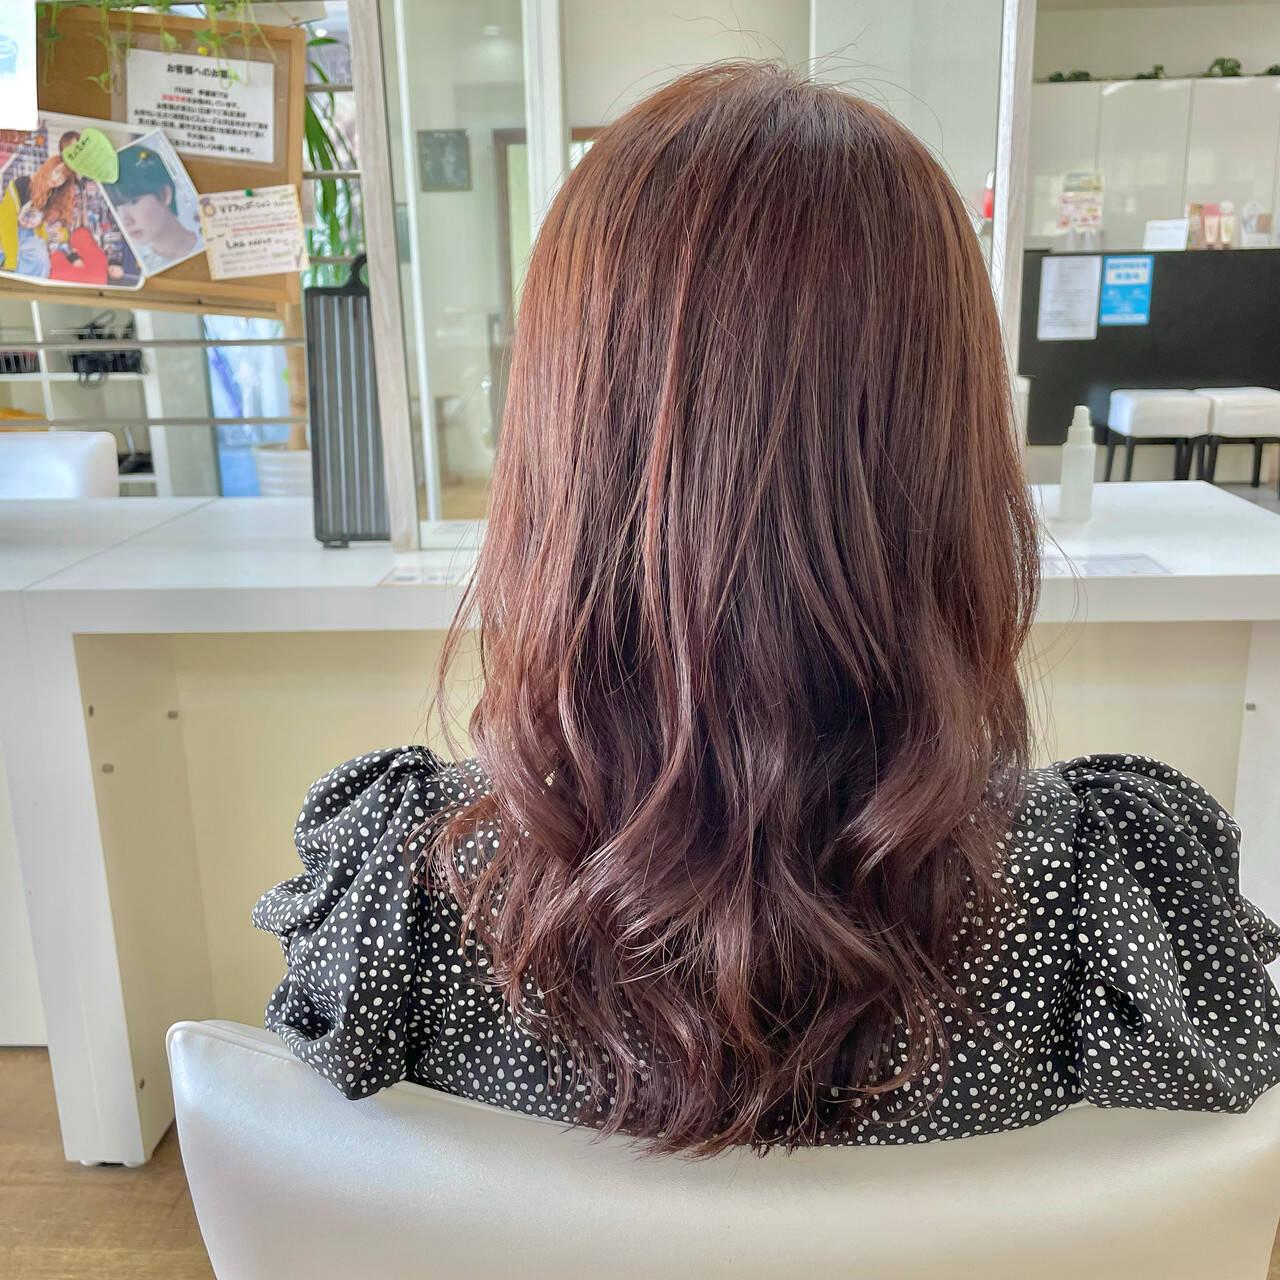 ピンクブラウン 大人かわいい レイヤーカット セミロングヘアスタイルや髪型の写真・画像